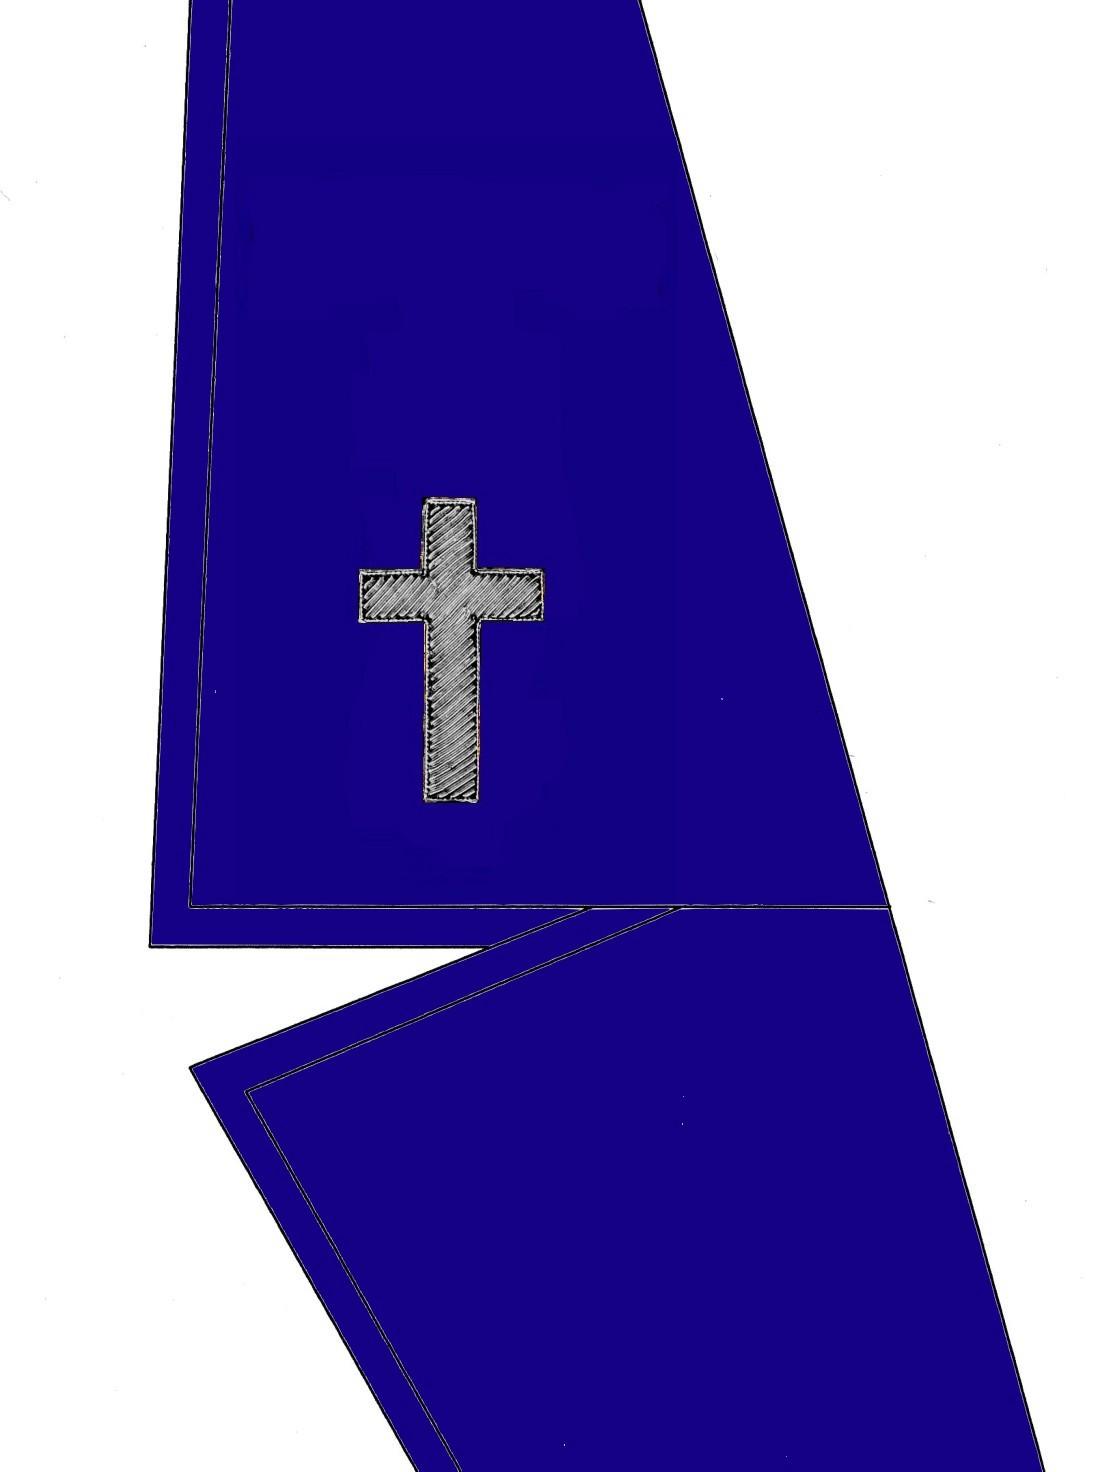 0301-kragen-rangabzeichen-kurat-hg-blau